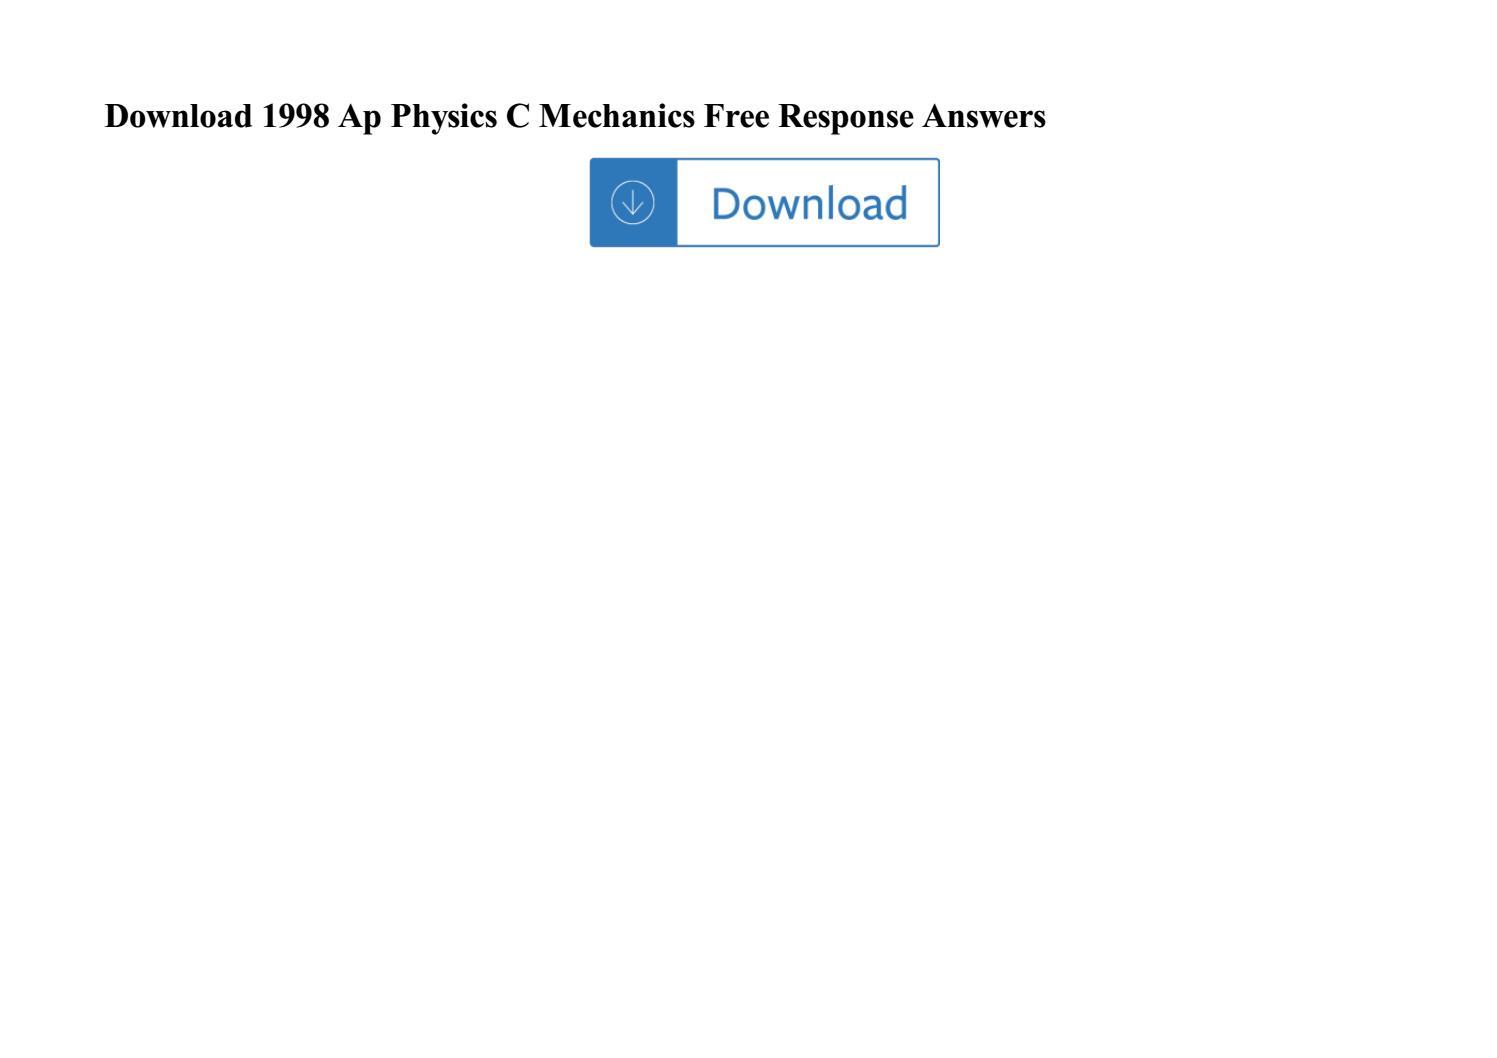 Download 1998 Ap Physics C Mechanics Free Response Answers By Hijauku Ohno Issuu